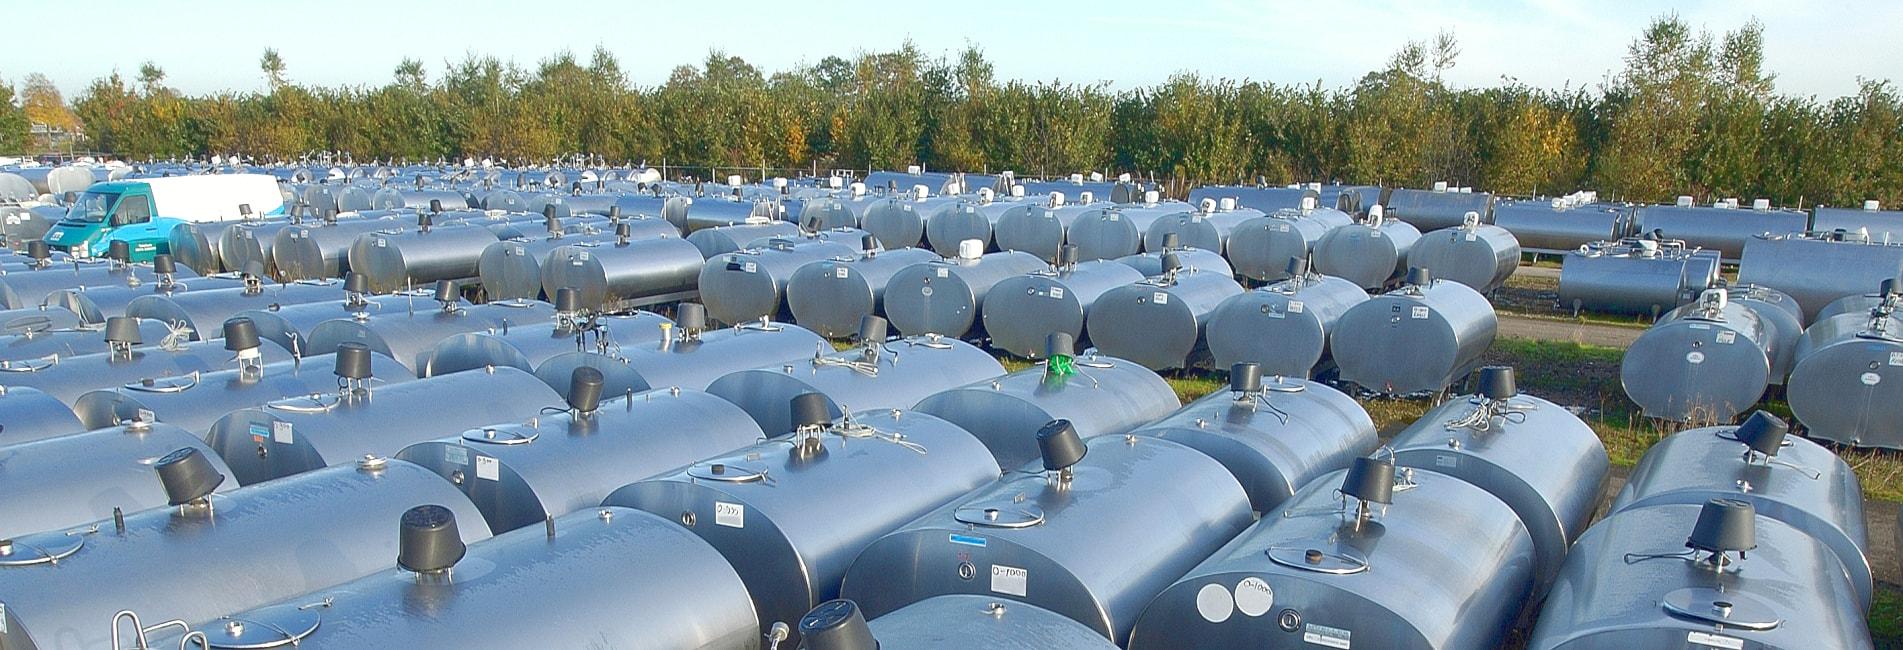 Gebrauchte Milchtanks Milchkühltanks Lager Risto